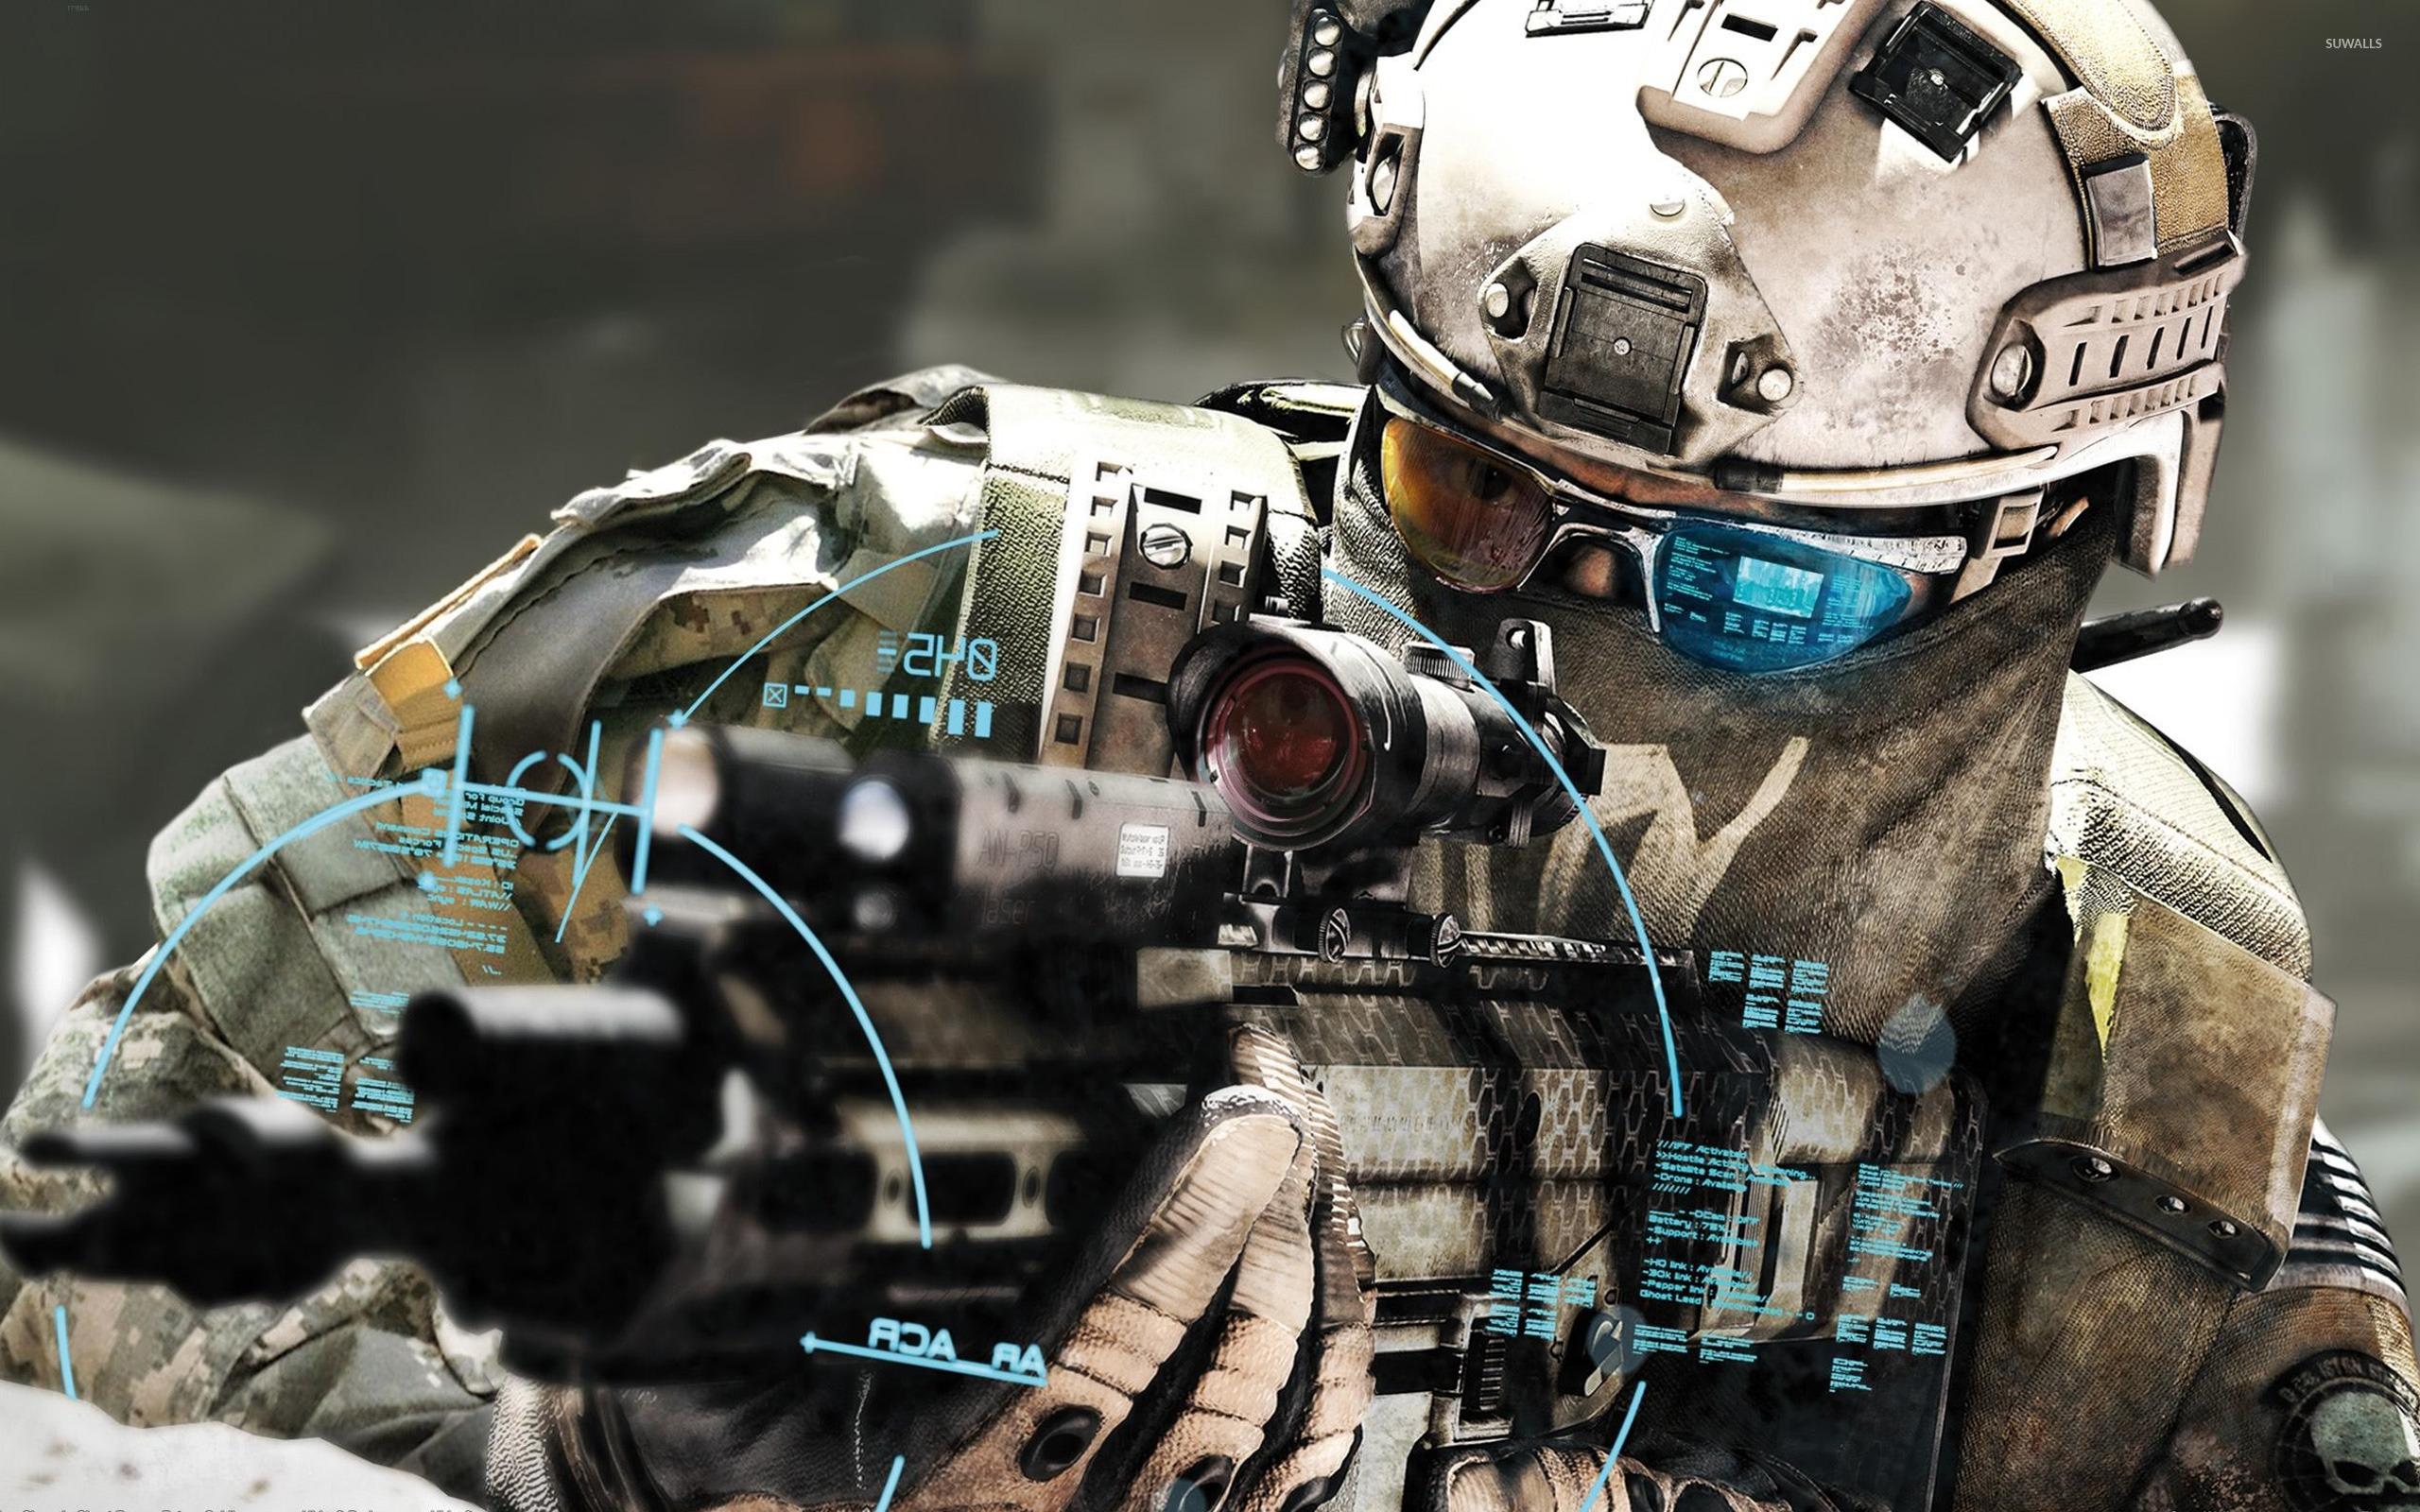 wallpaper 4k gamers   Taringa 2560x1600